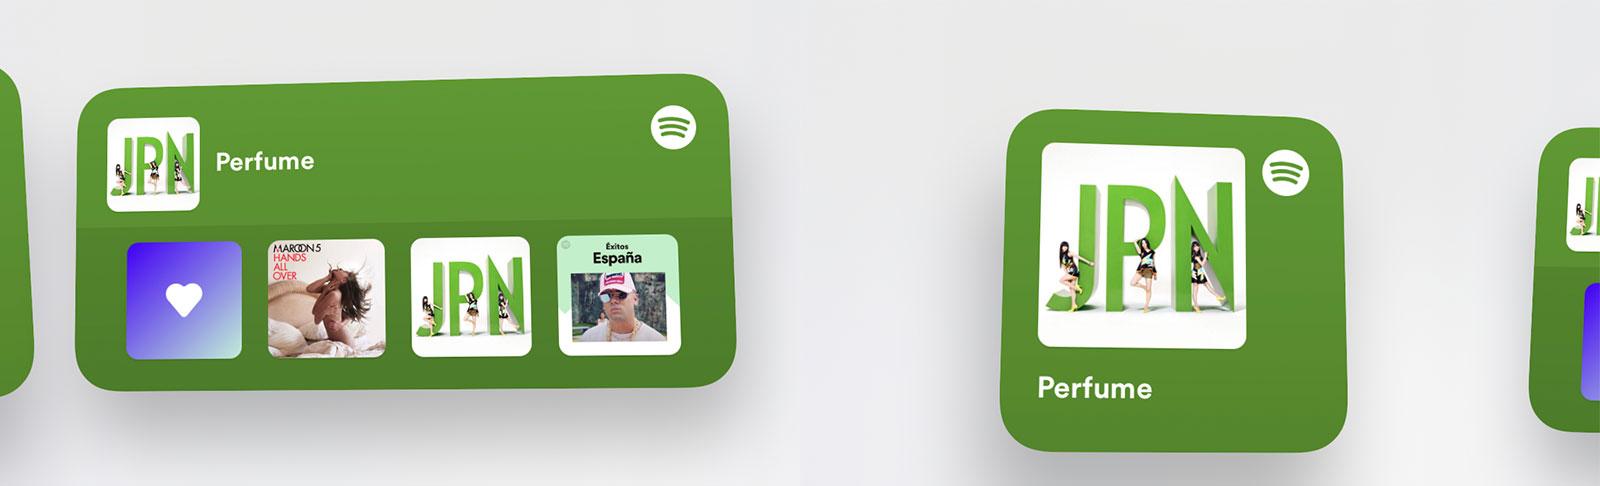 Widgets meramente informativos y por lo tanto inútiles de Spotify en iOS 14